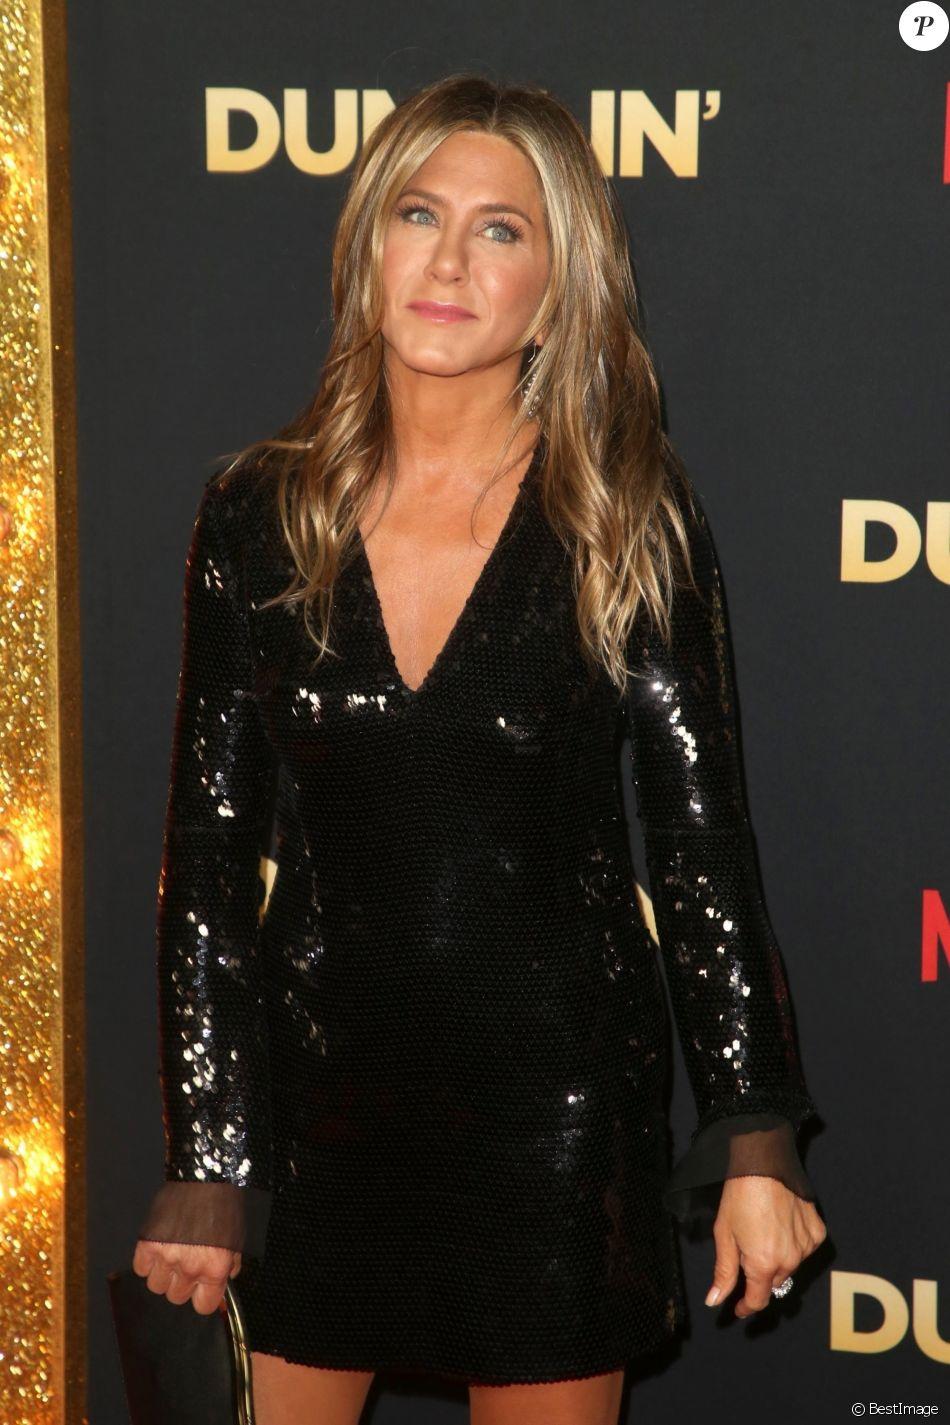 """Jennifer Aniston à la première du film """"Dumplin"""" au TCL Chinese 6 Theater à Los Angeles, Californie, Etats-Unis, le 6 décembre 2018."""